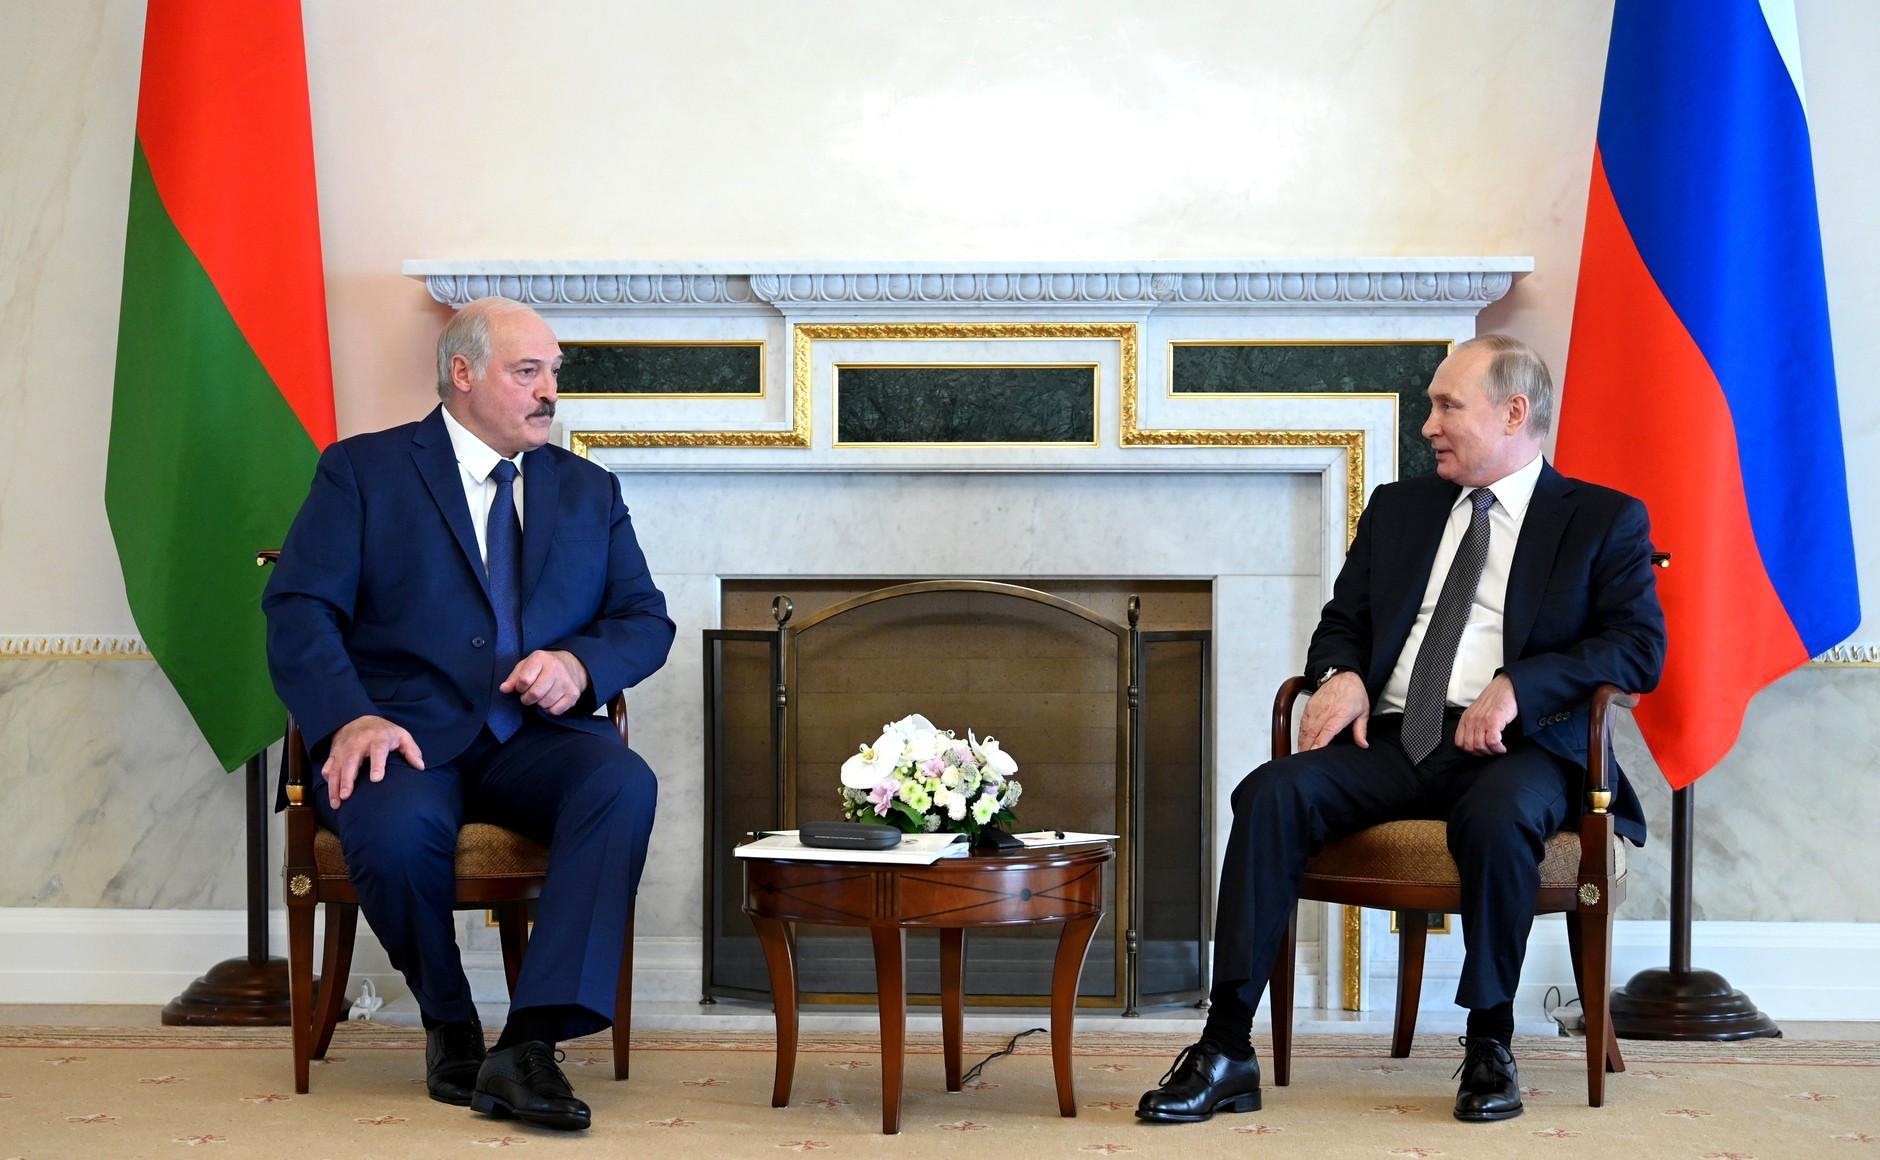 Putin i Łukaszenka vol. 4. O czym tym razem rozmawiali prezydenci?